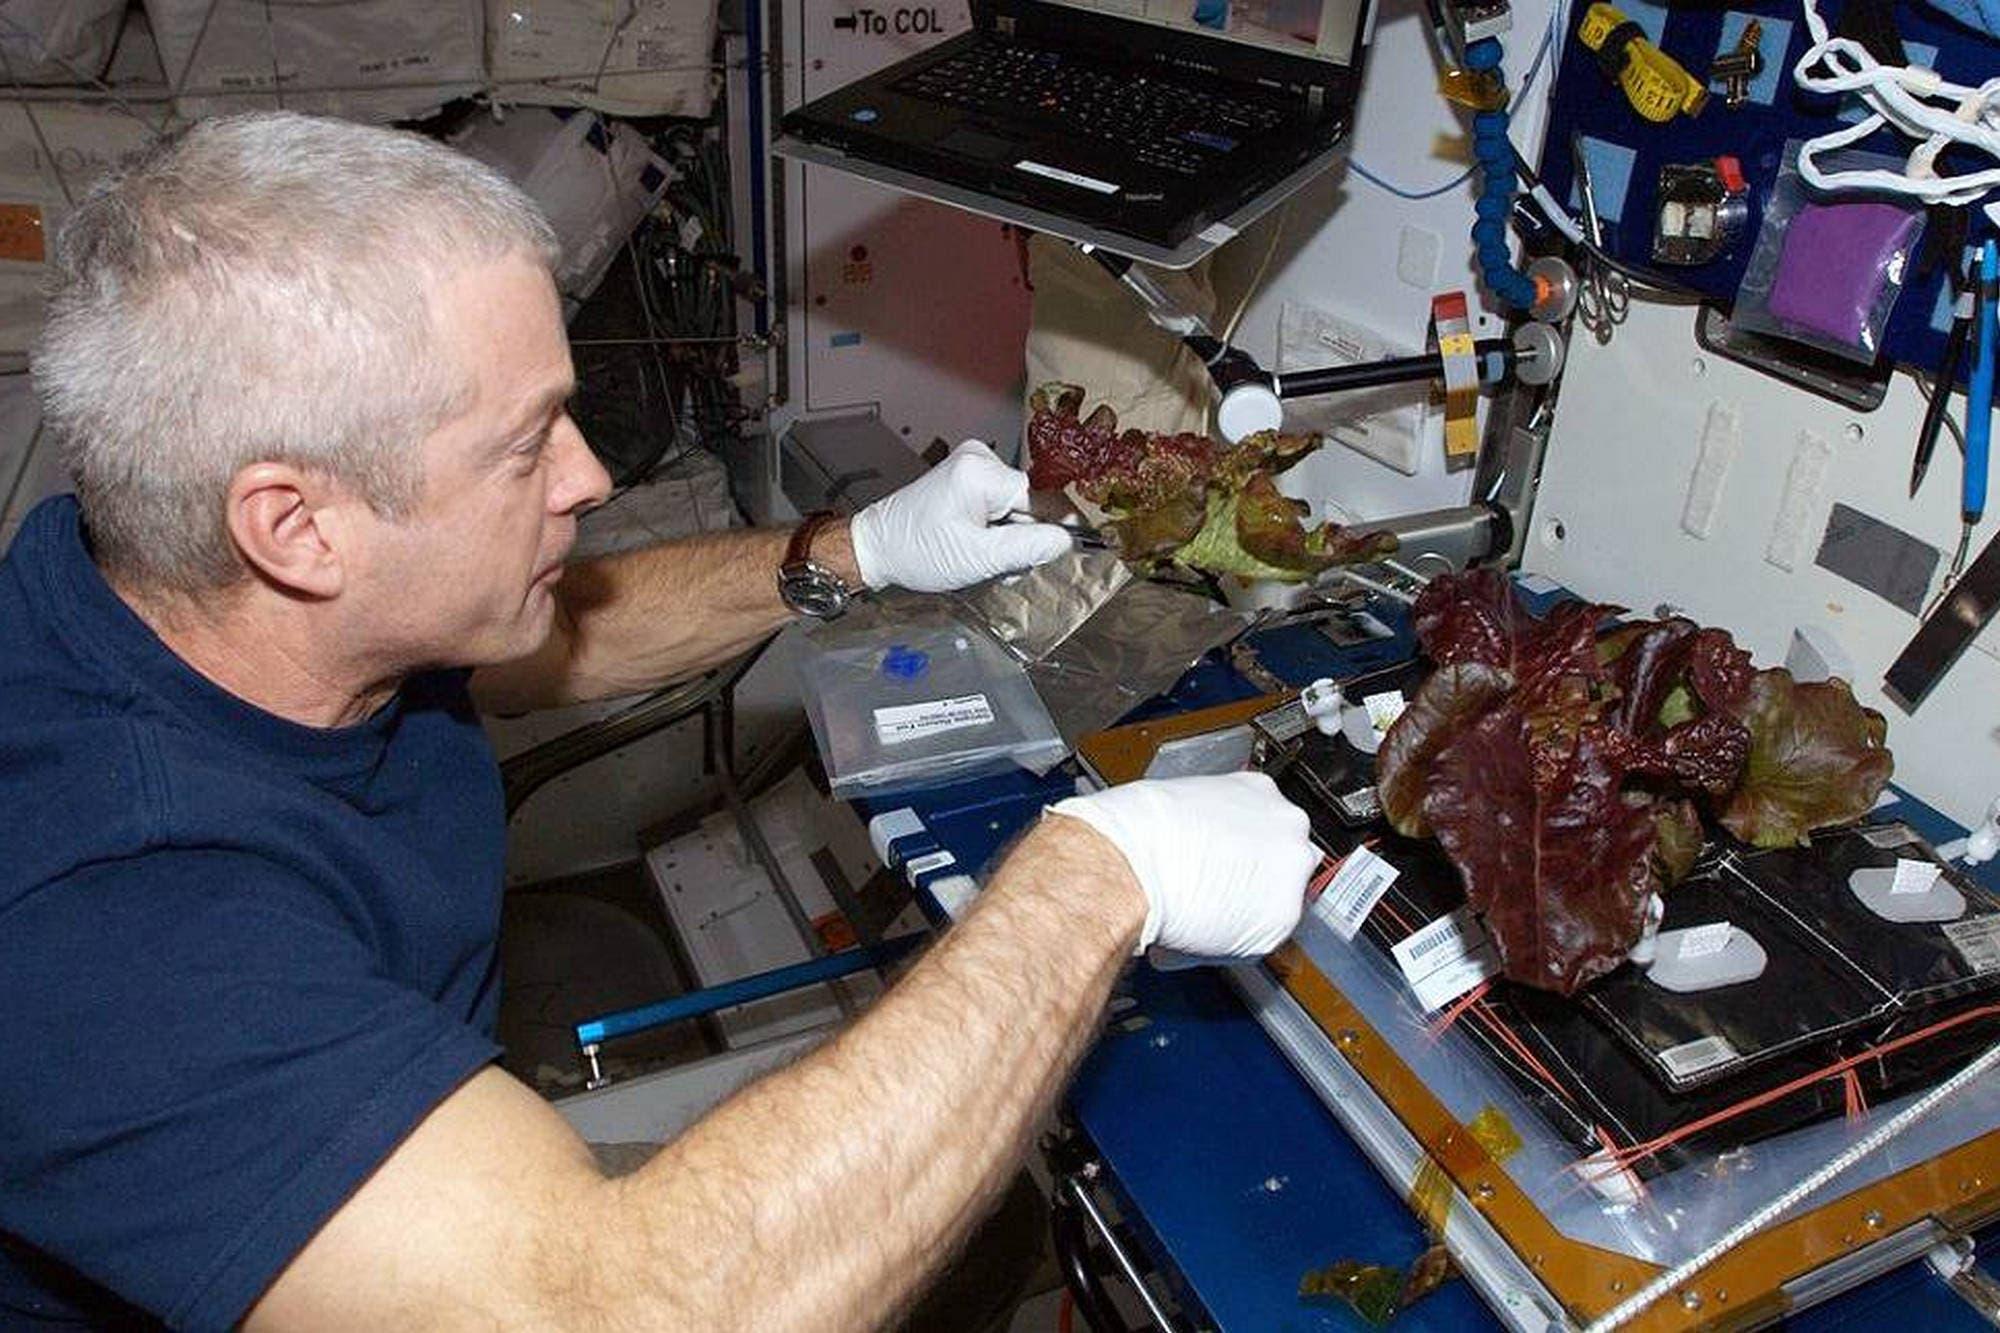 Ensalada espacial: así es el cultivo de lechugas en la Estación Espacial Internacional